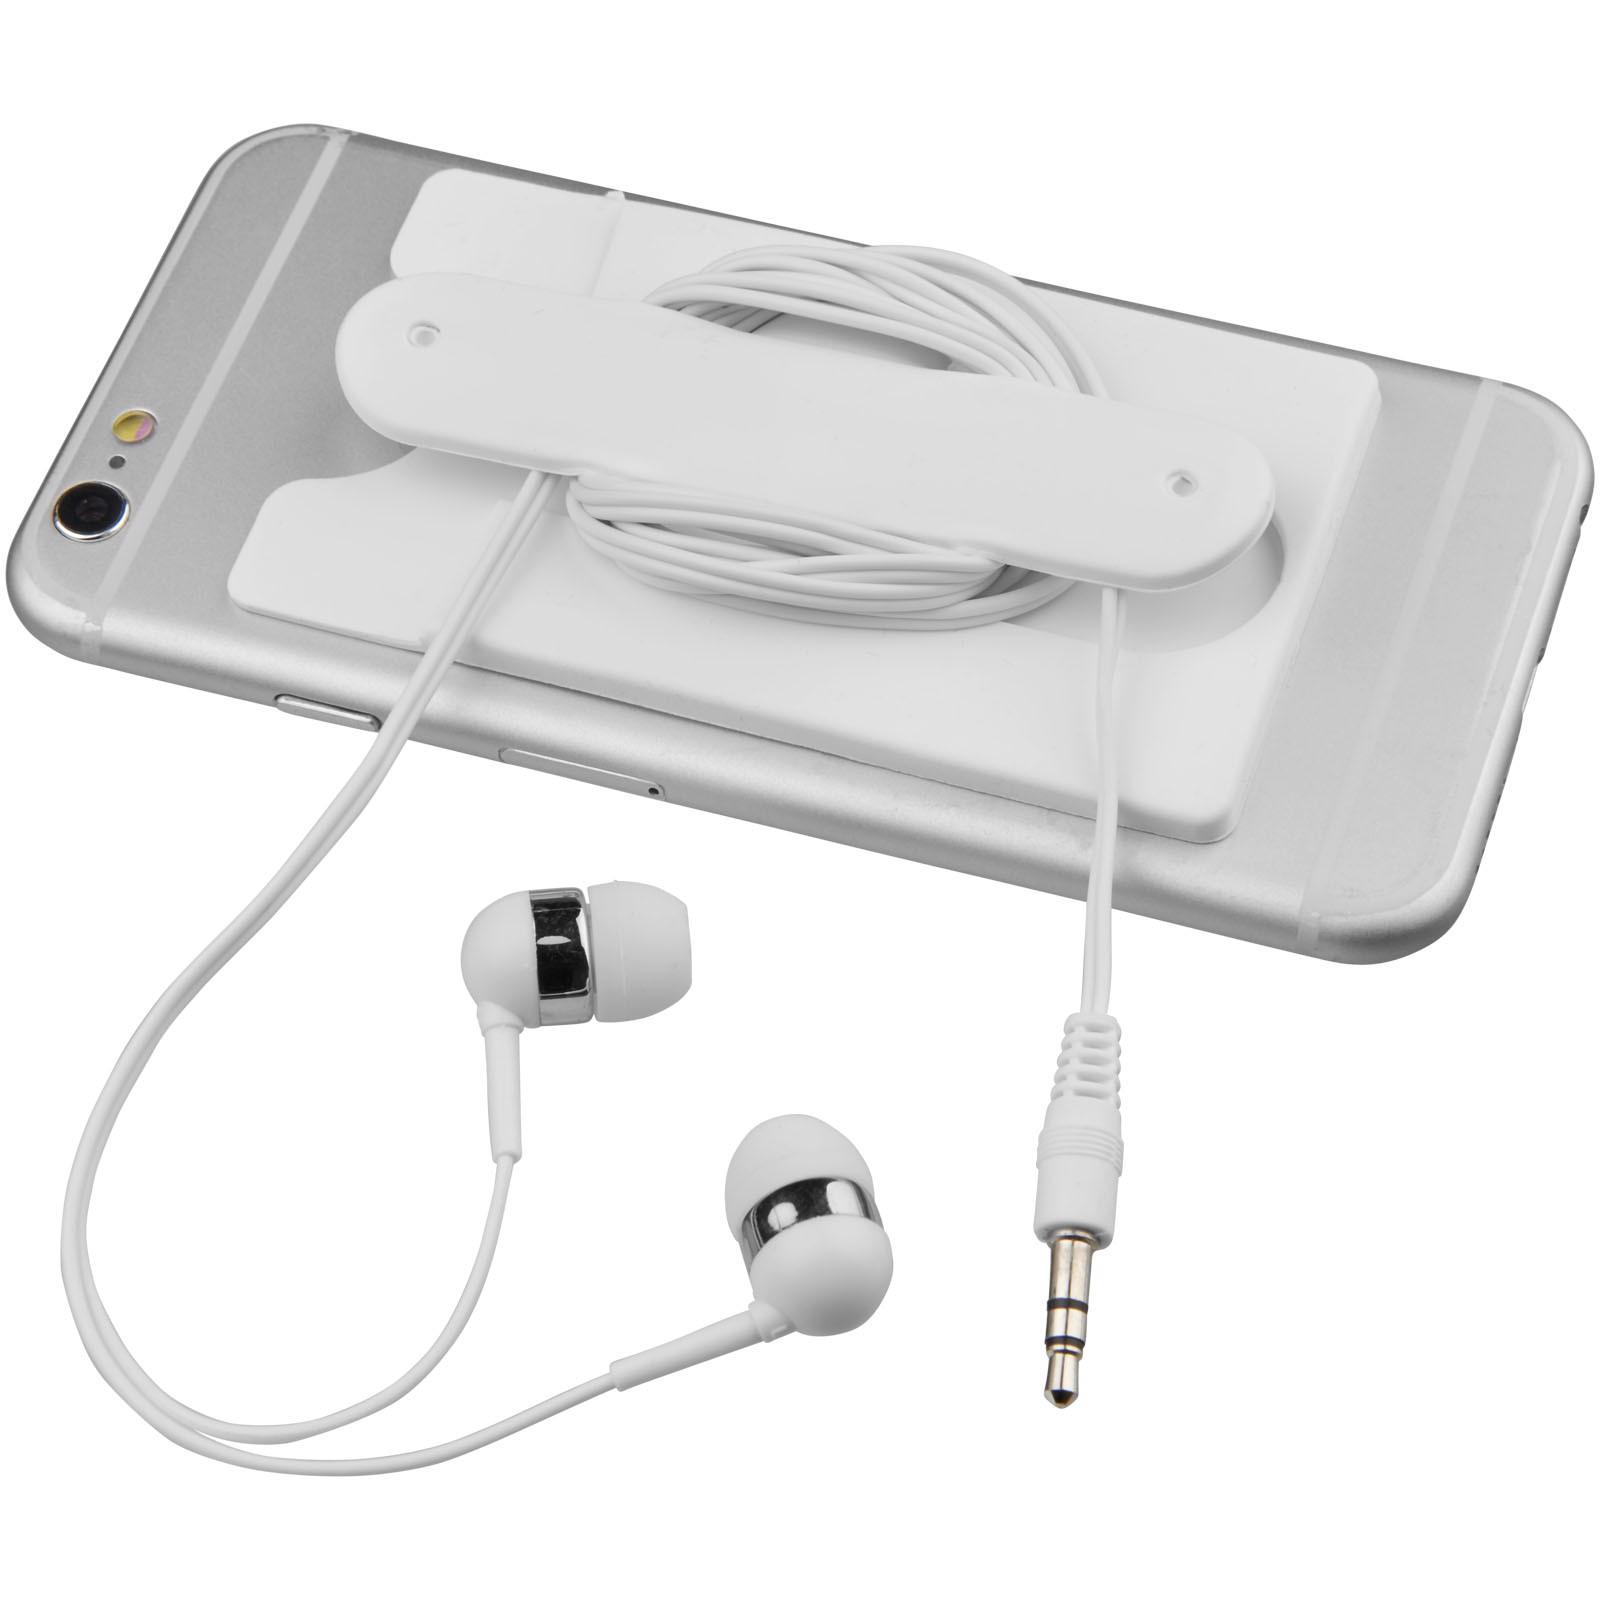 Sluchátka s kabelem a silikonové pouzdro na telefon - Bílá